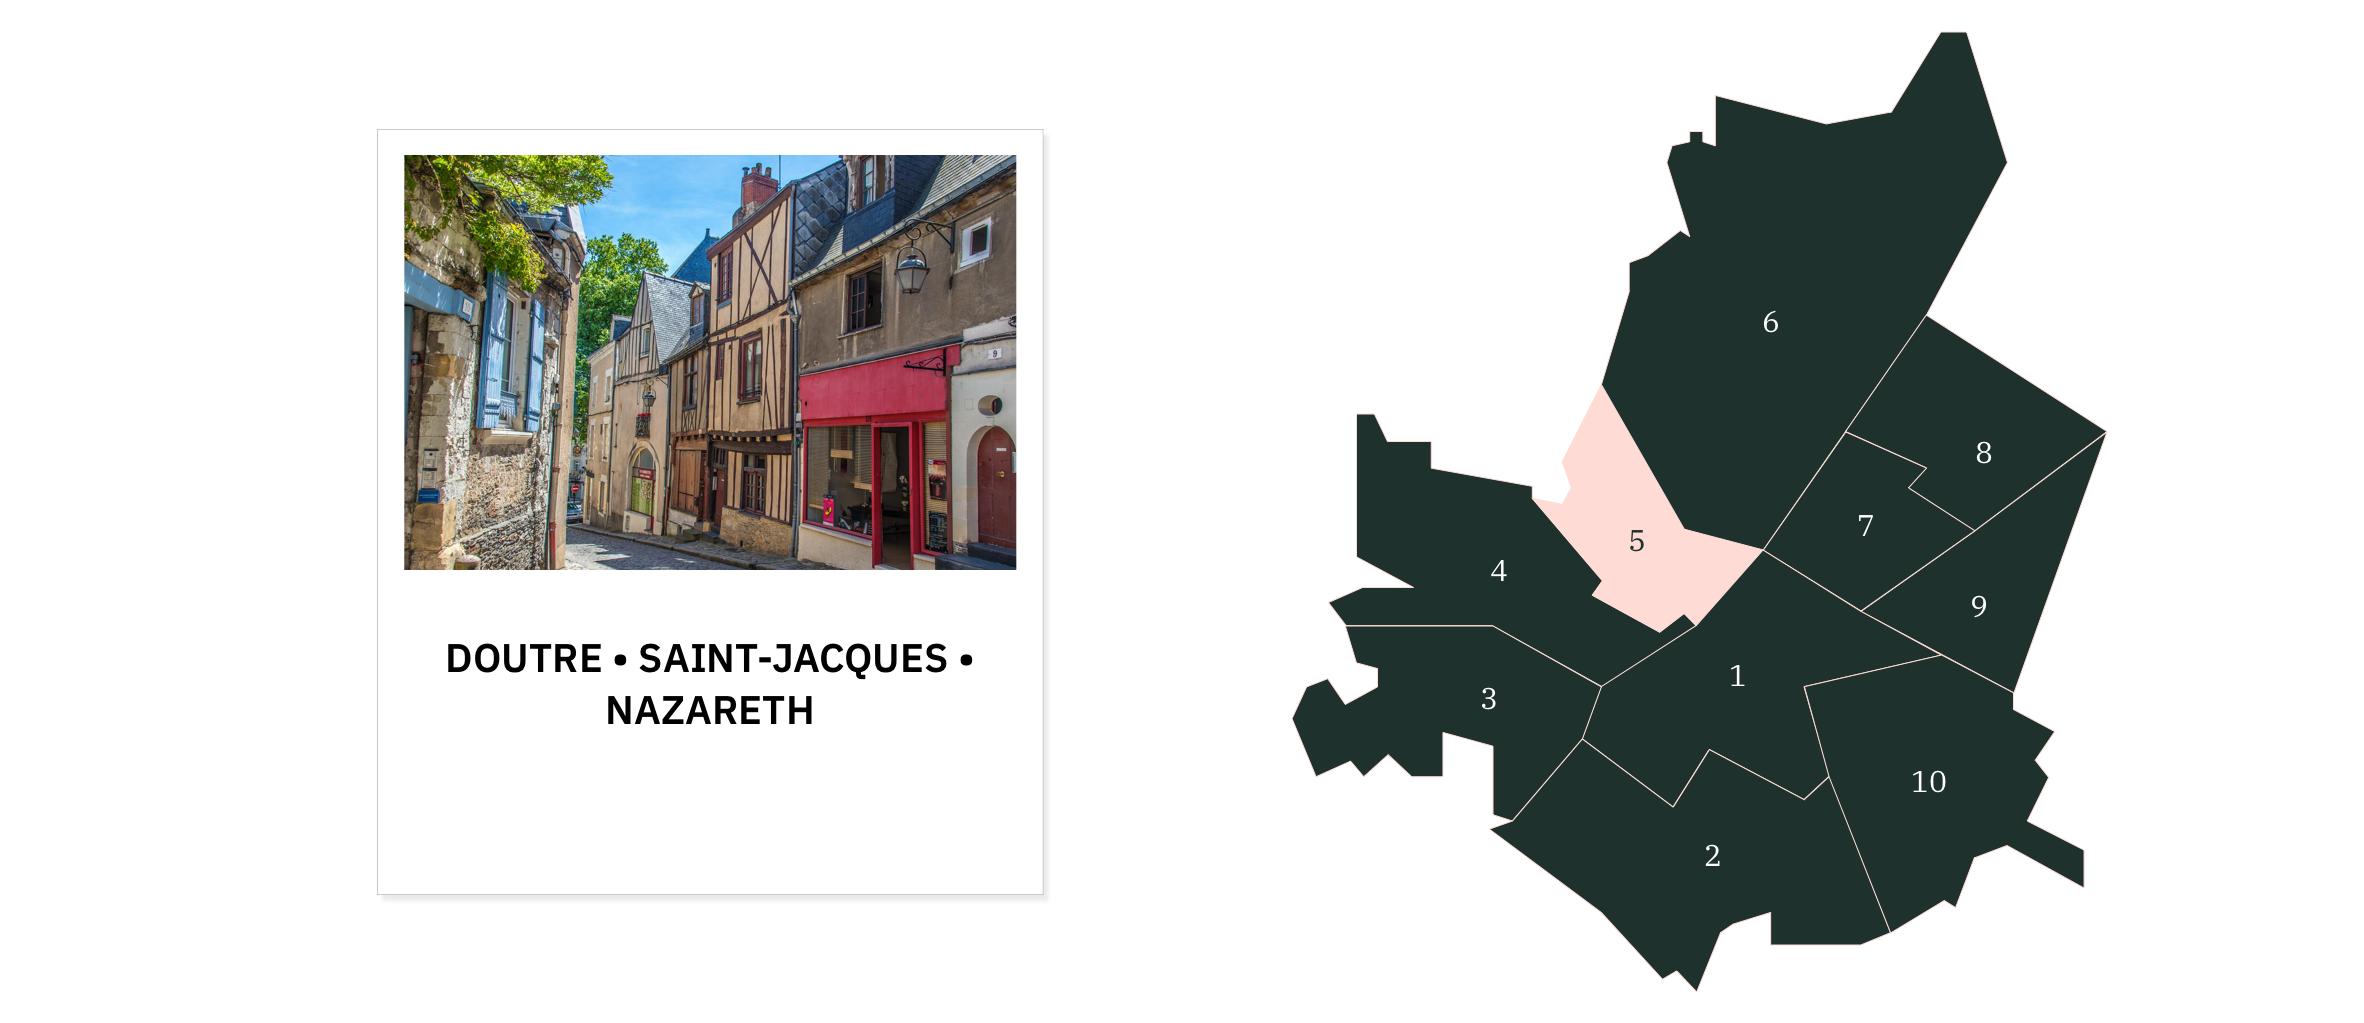 Doutre Saint-Jacques Nazareth⎜Carte des quartiers d'Angers